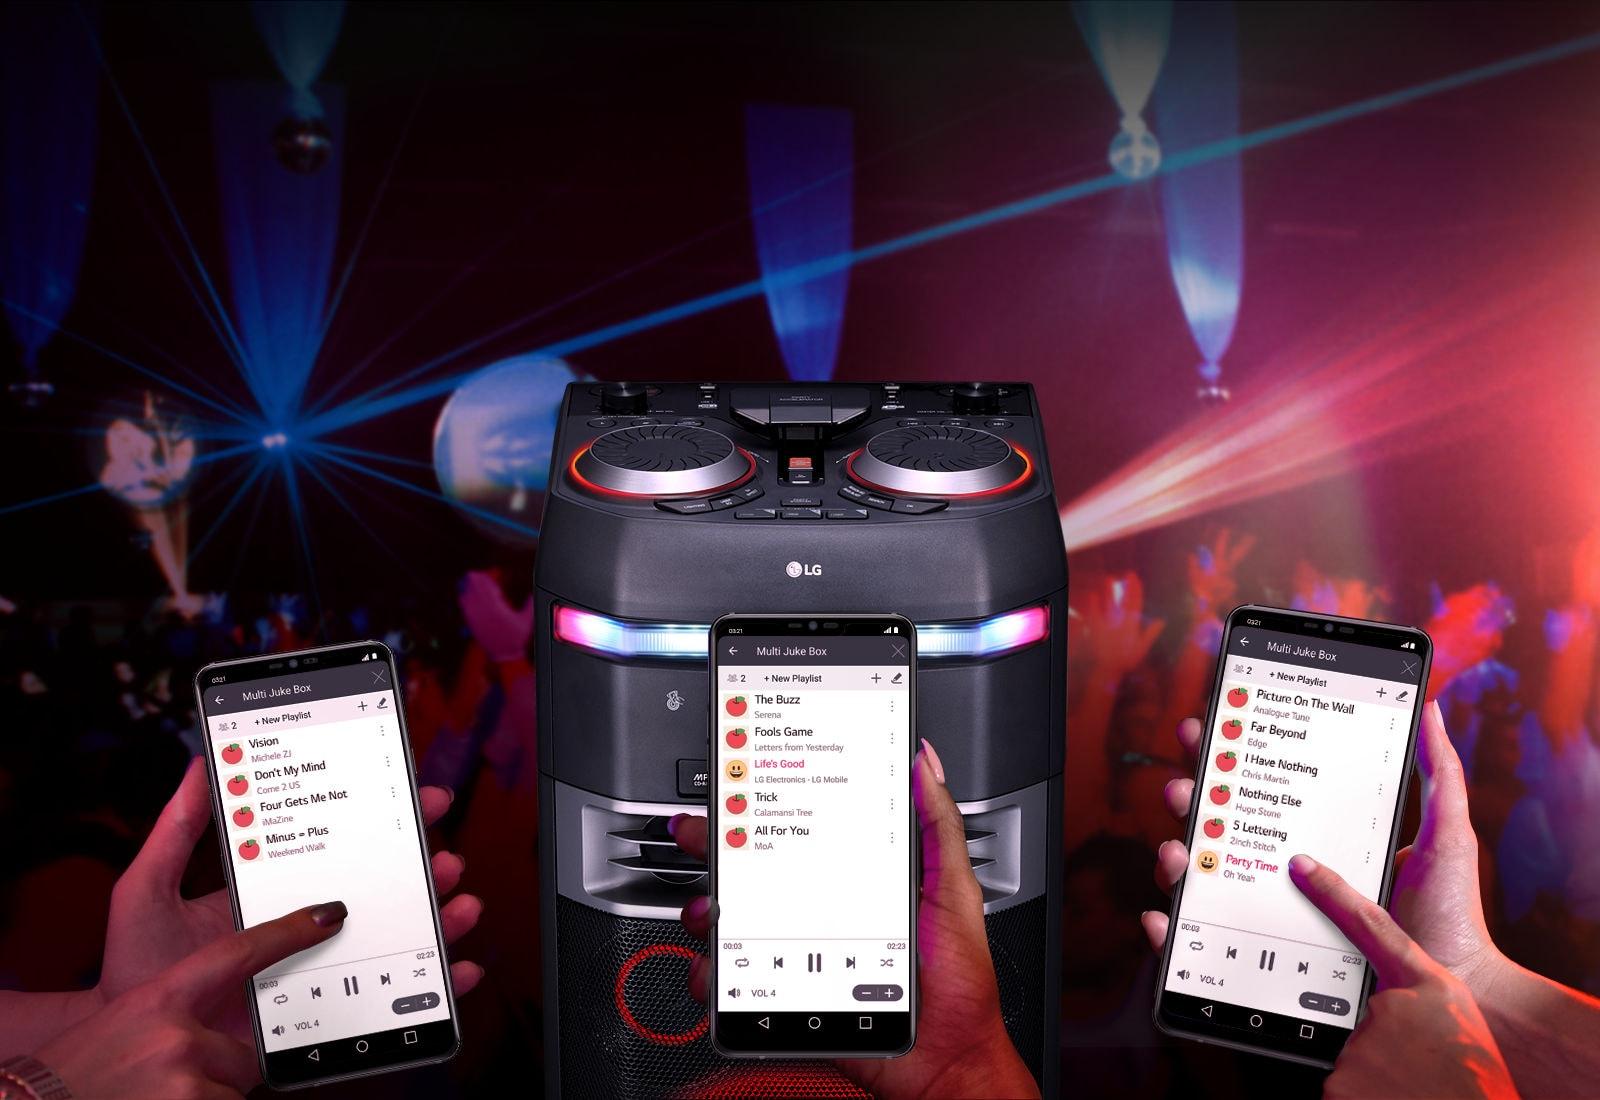 Connexion de plusieurs smartphones en simultané